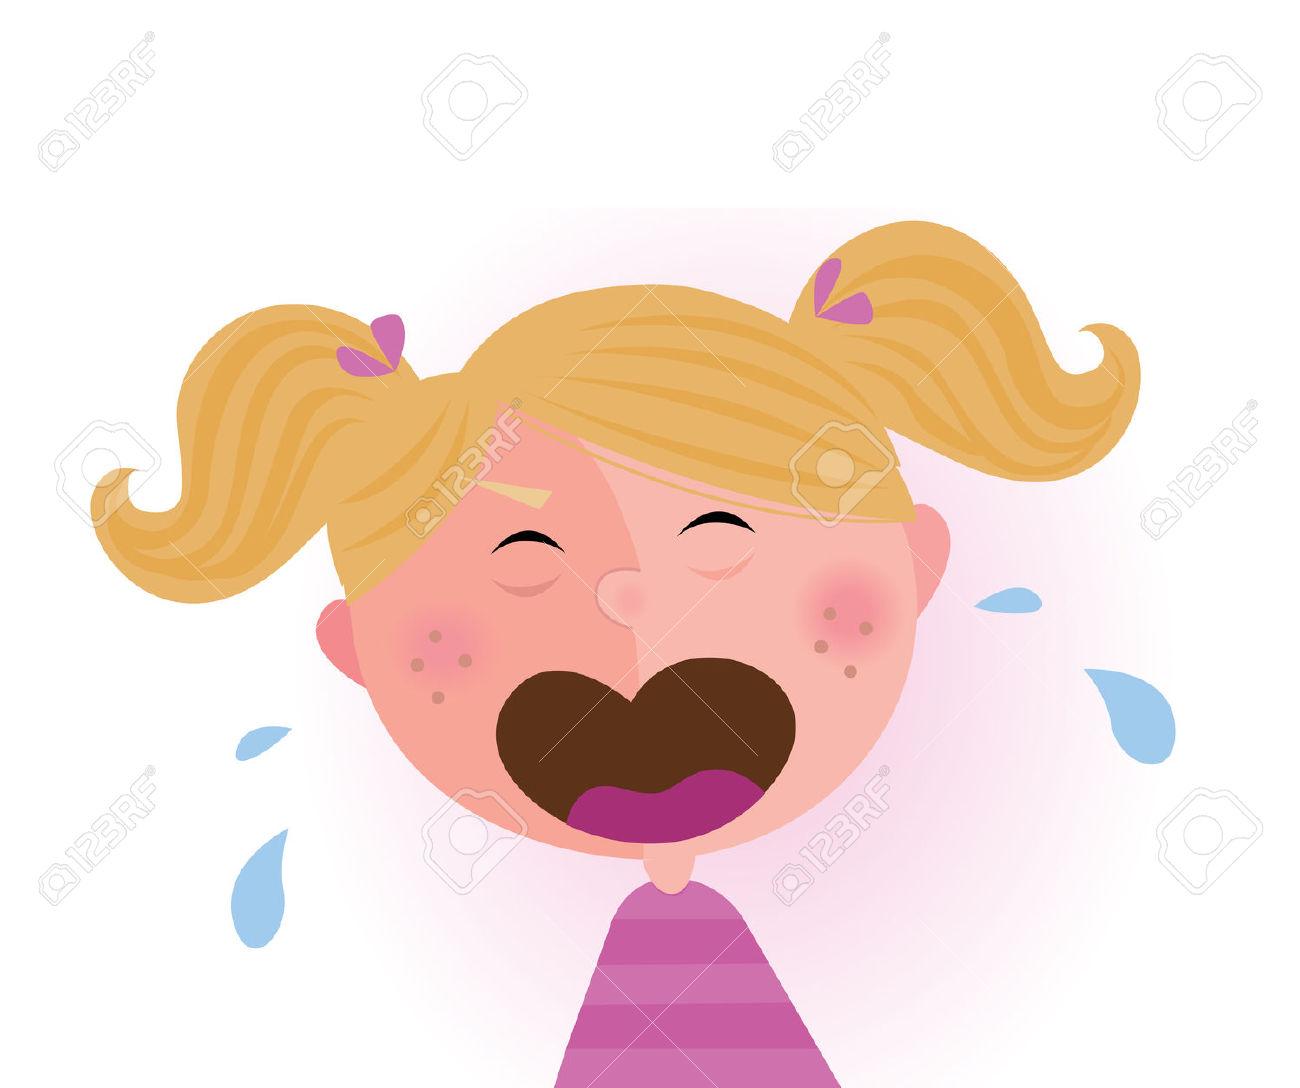 Weinendes kind clipart picture royalty free download Weinendes Baby Girl. Kleines Kind Zu Weinen. Lizenzfrei Nutzbare ... picture royalty free download